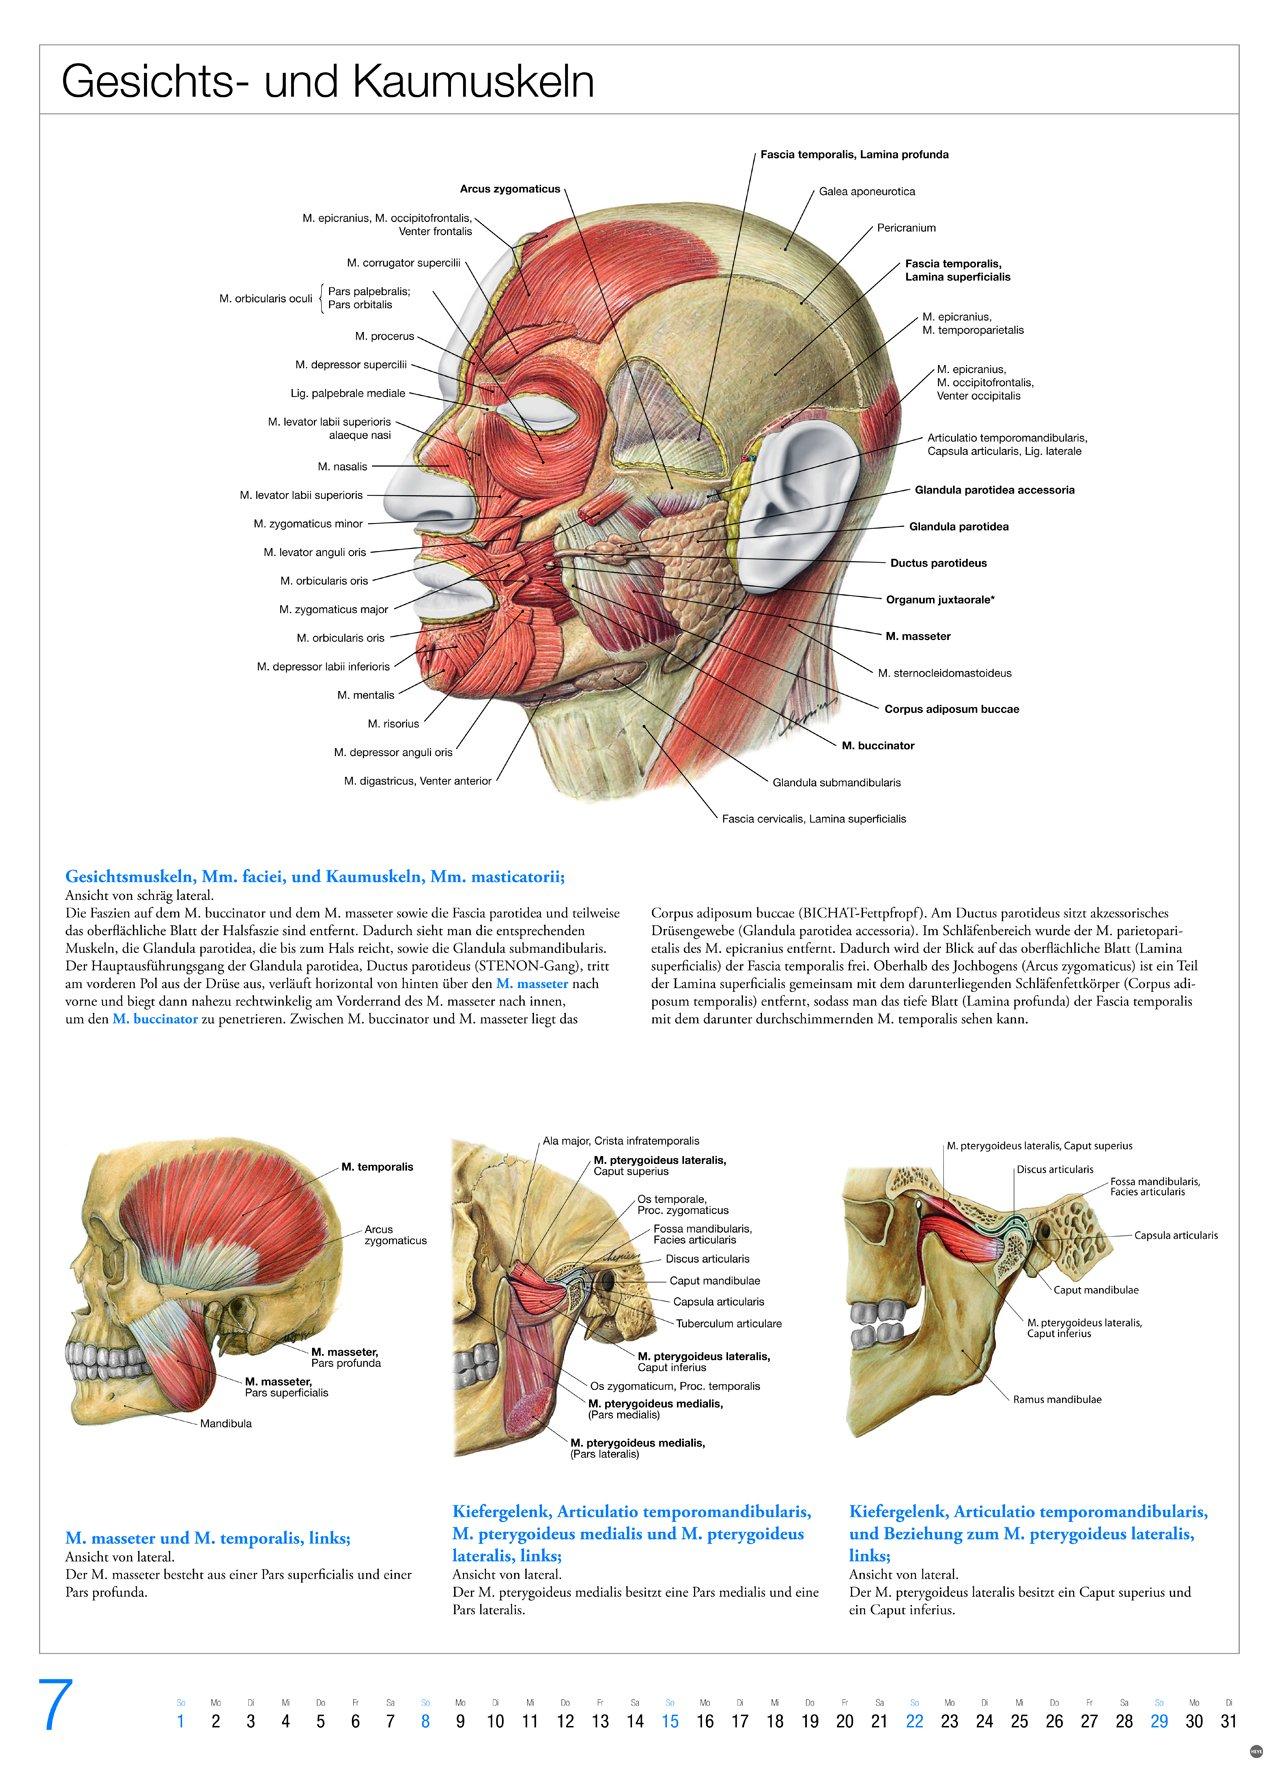 Gemütlich Anatomie Und Physiologie 1 Lehrbuch Fotos - Anatomie Ideen ...